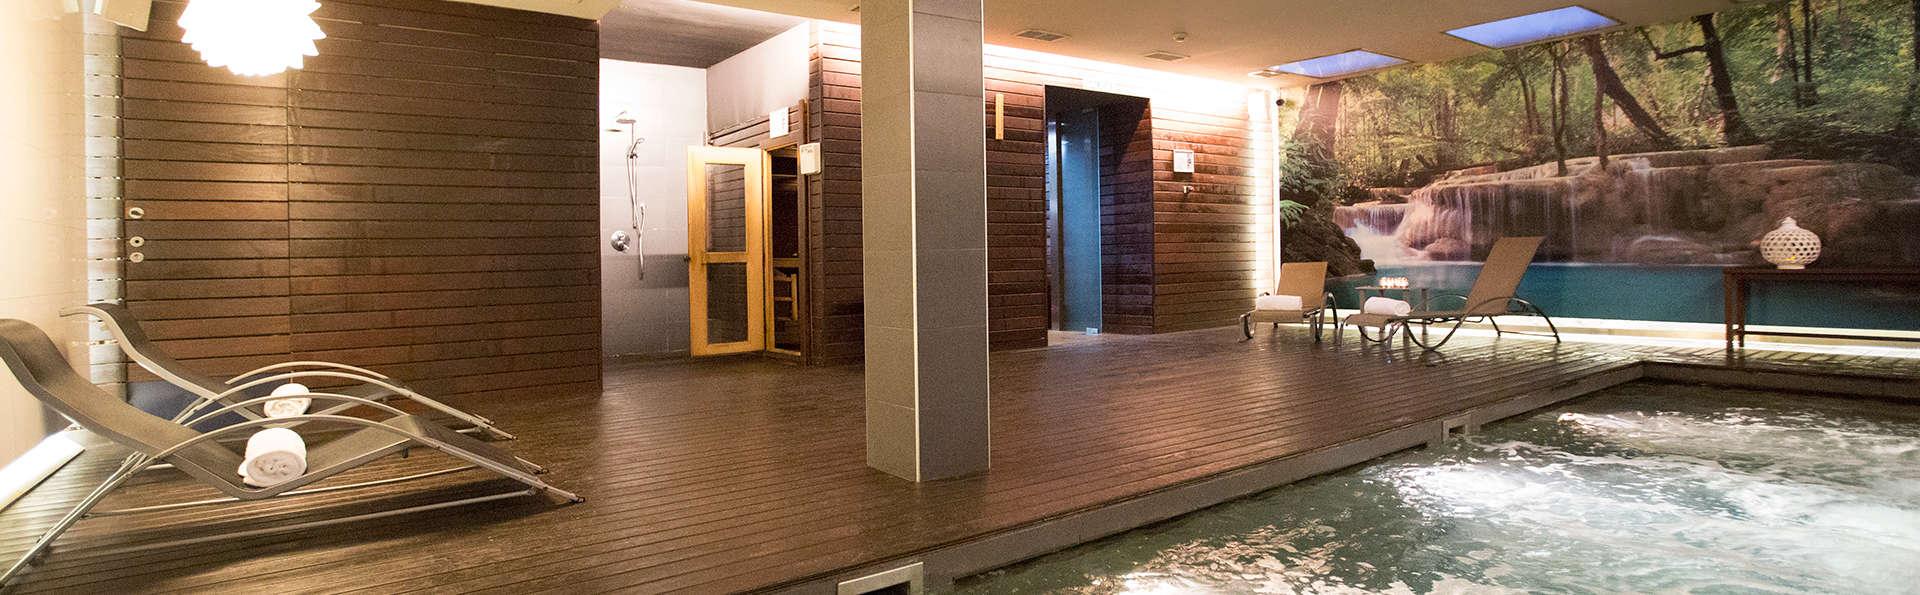 Spa Lovers: découvrez Valence en plein cœur, dans un hôtel Hospes de luxe avec spa inclus